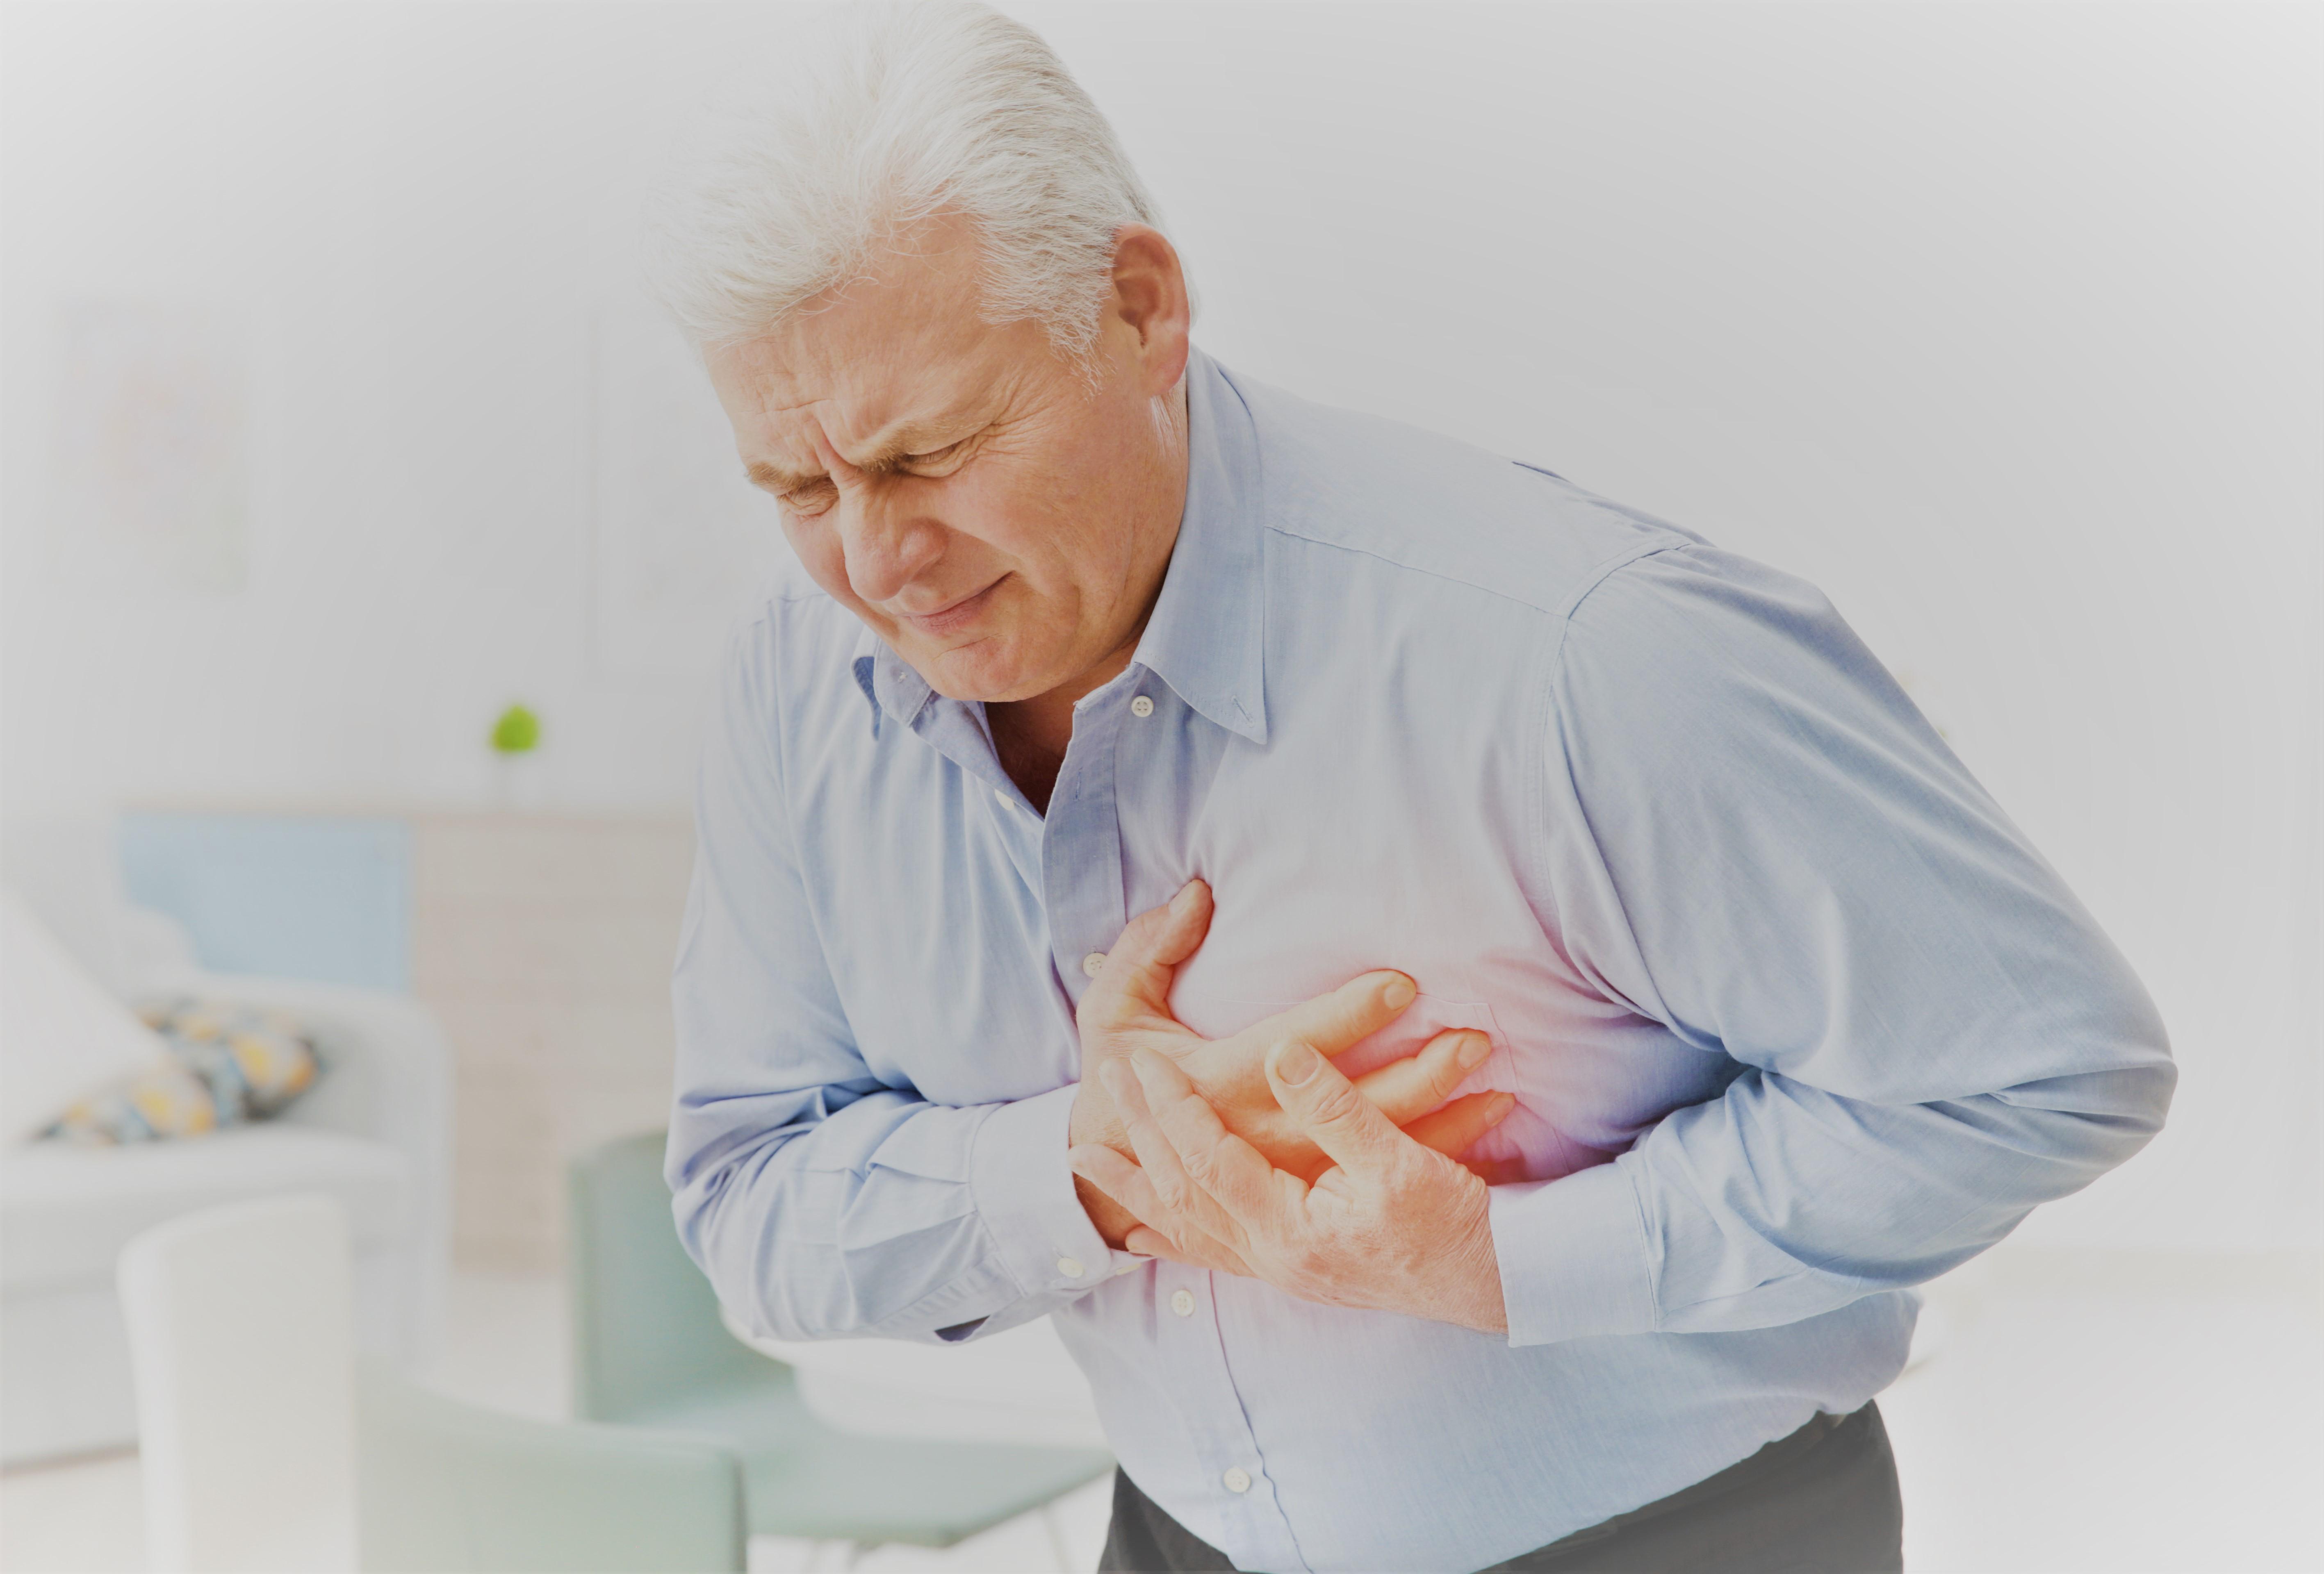 az ízületek fájdalma a fizikai erőkifejtés miatt